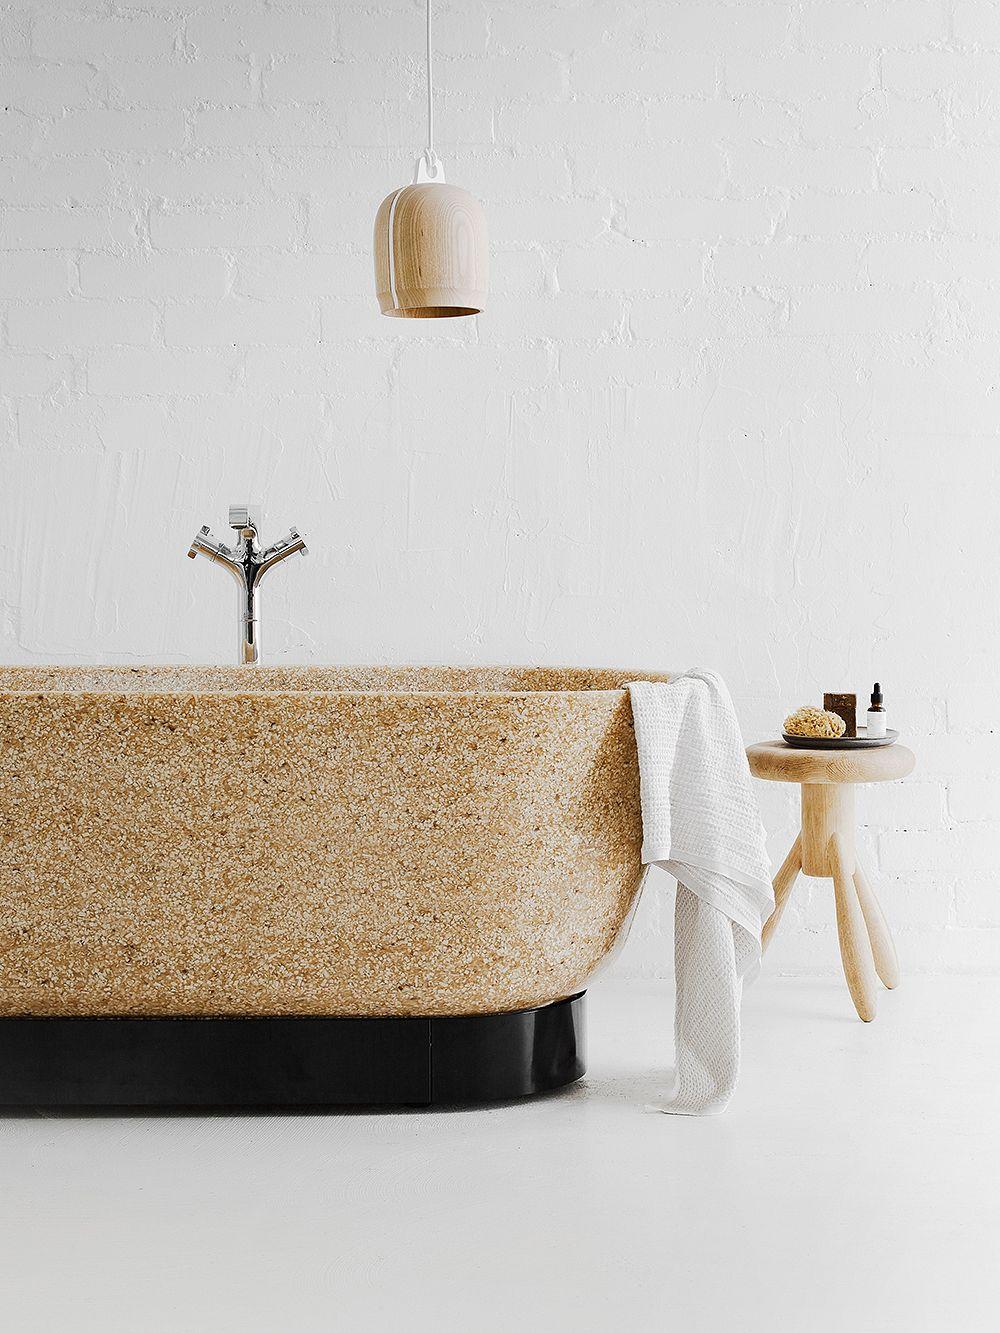 Woodio Flow bathtub